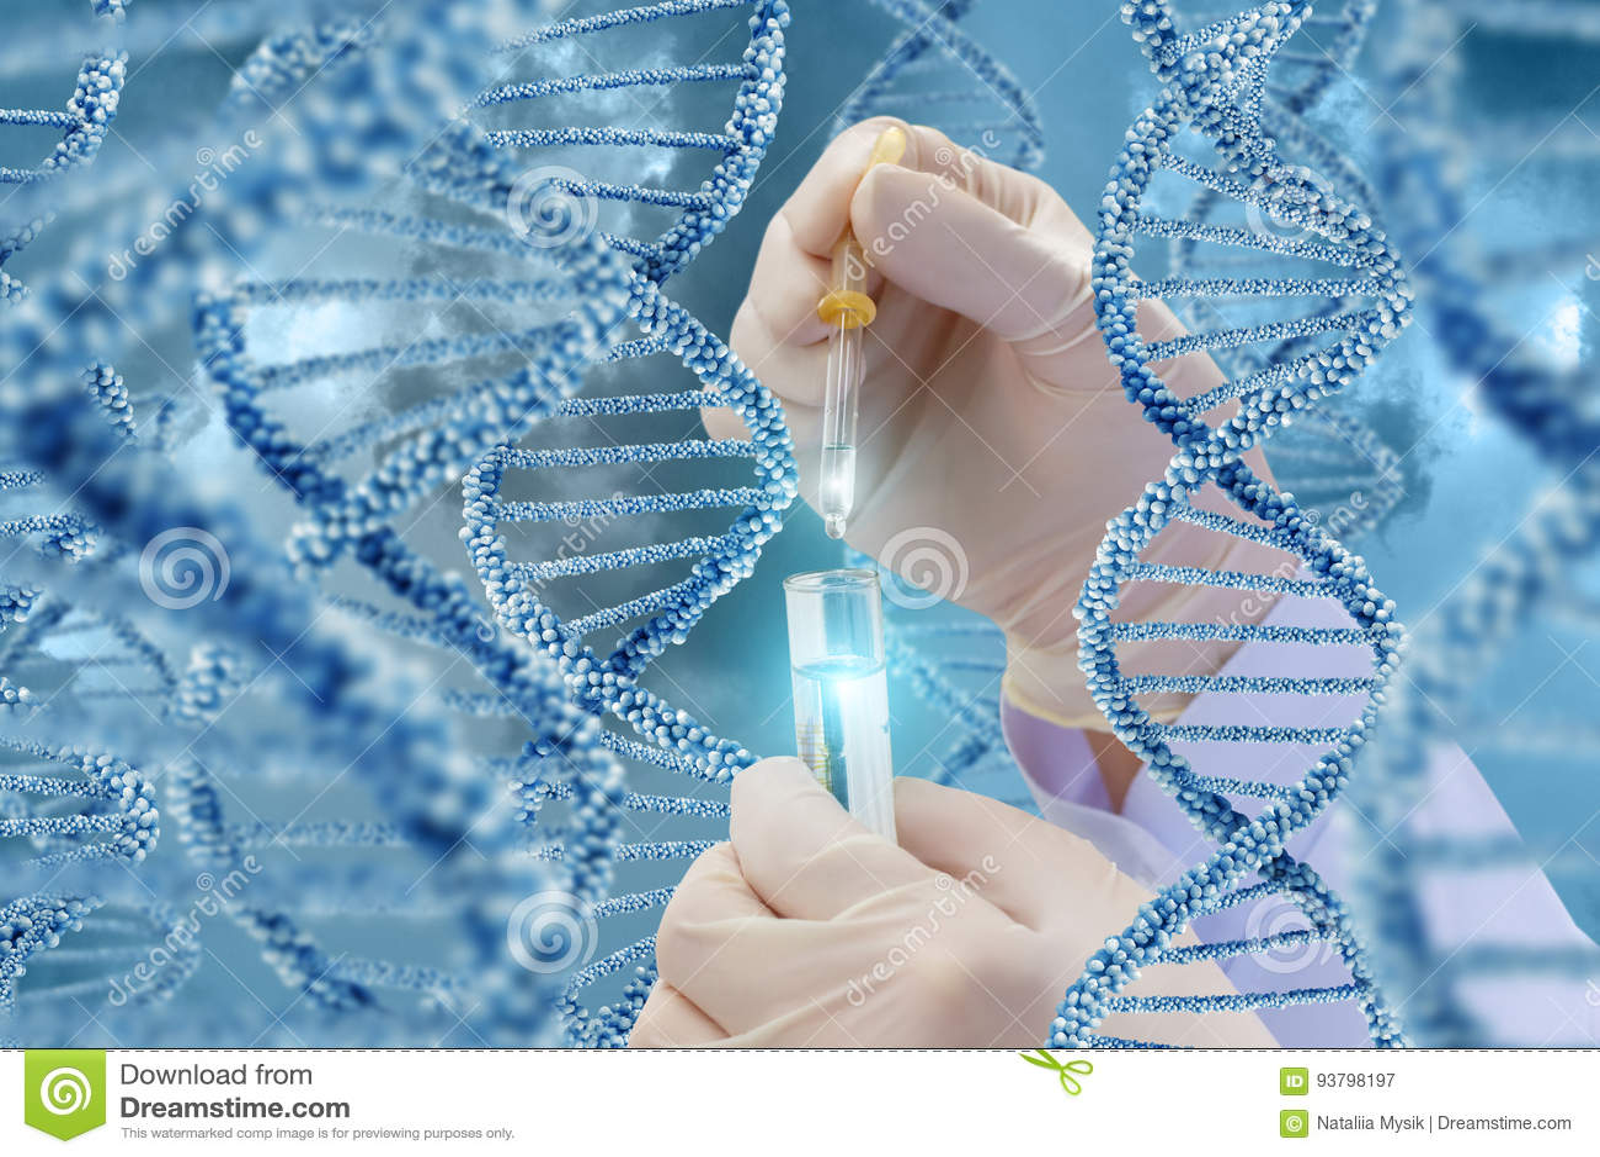 Έρευνα DNA με ένα δείγμα